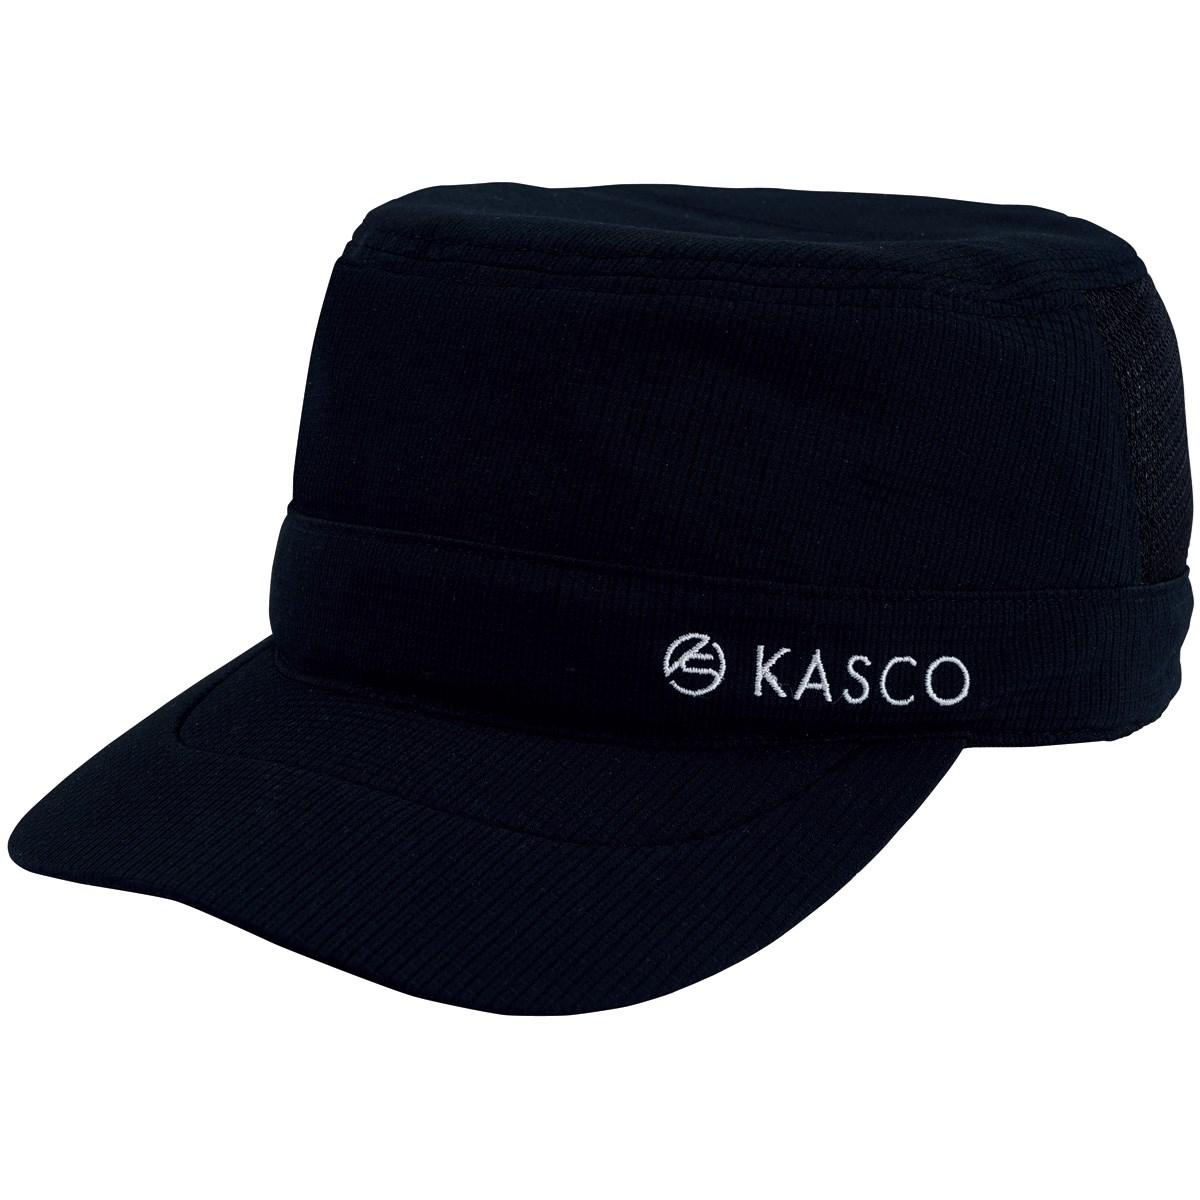 キャスコ(KASCO) DOTAIRワークキャップ